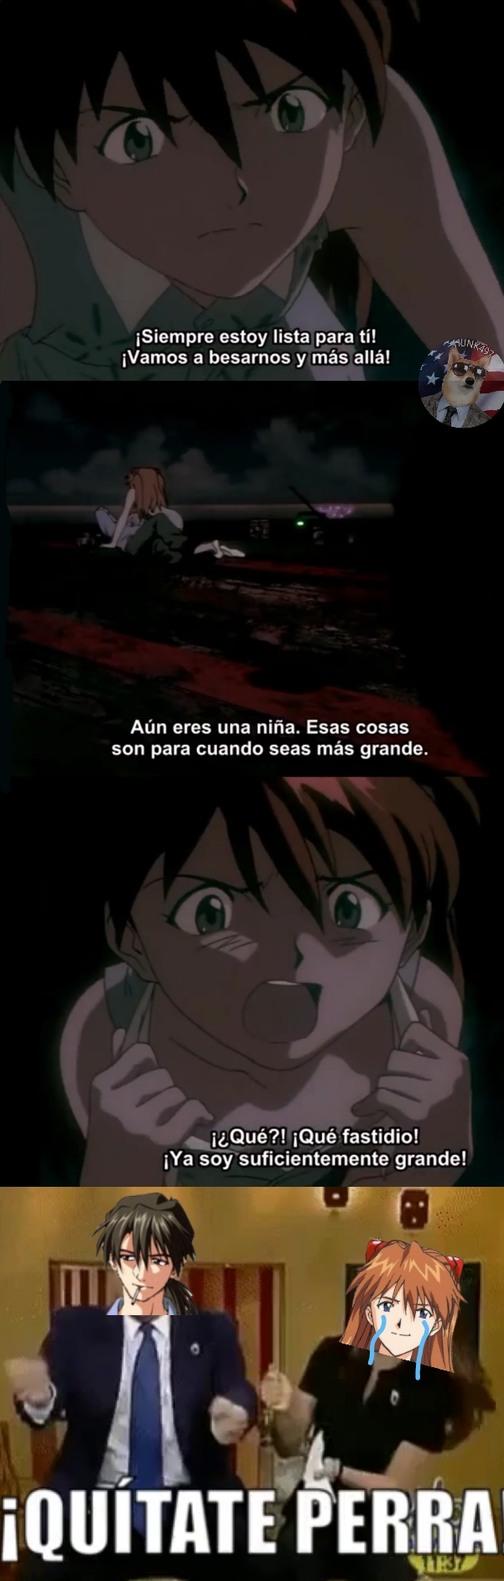 Anime Evangelion grandes openings pequeñas t3t4s - meme